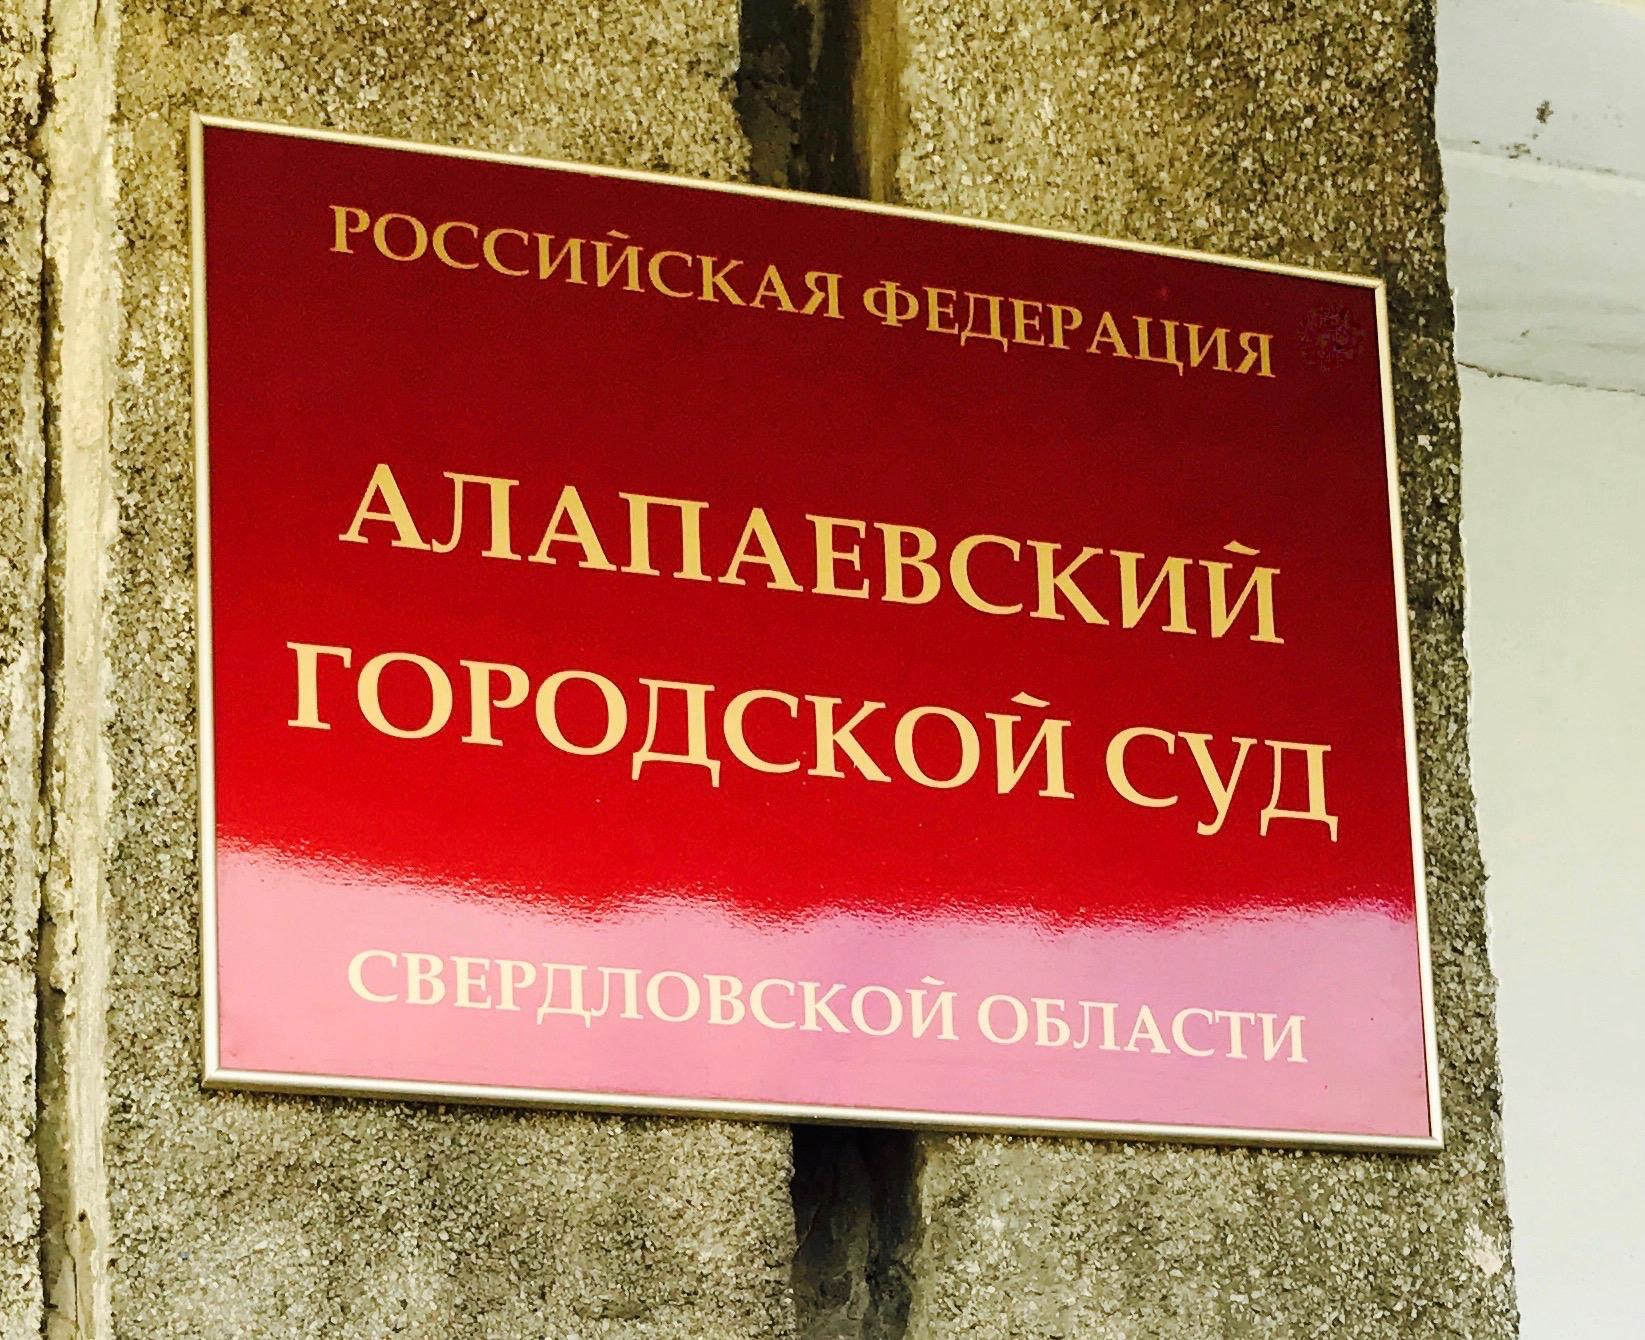 Защищаю клиента в уголовном суде по ст. 159 УК РФ, некому мошенничеству, которого нет. Куда смотрят, правоохранители?!